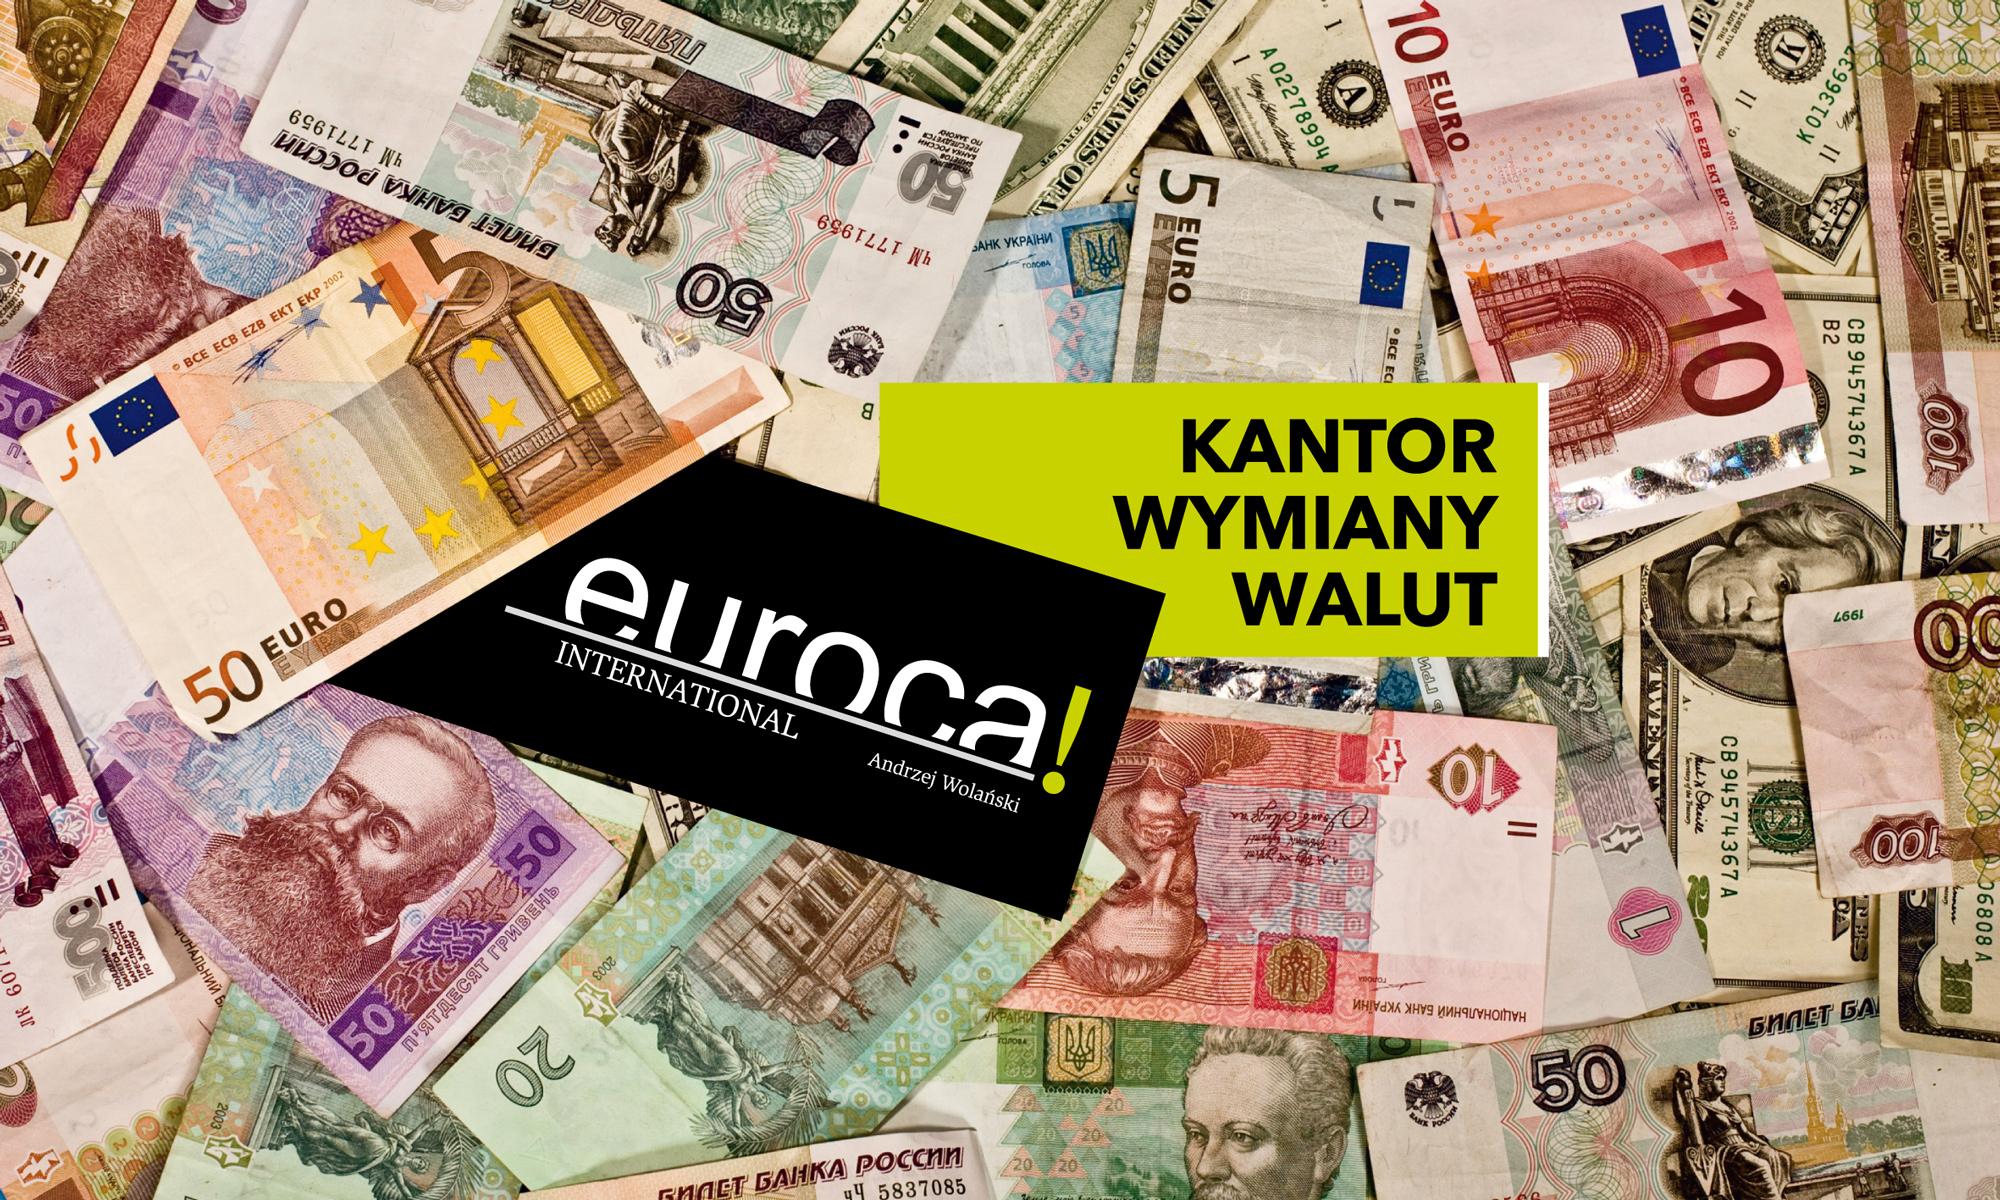 Euroca Kantor Wymiany Walut